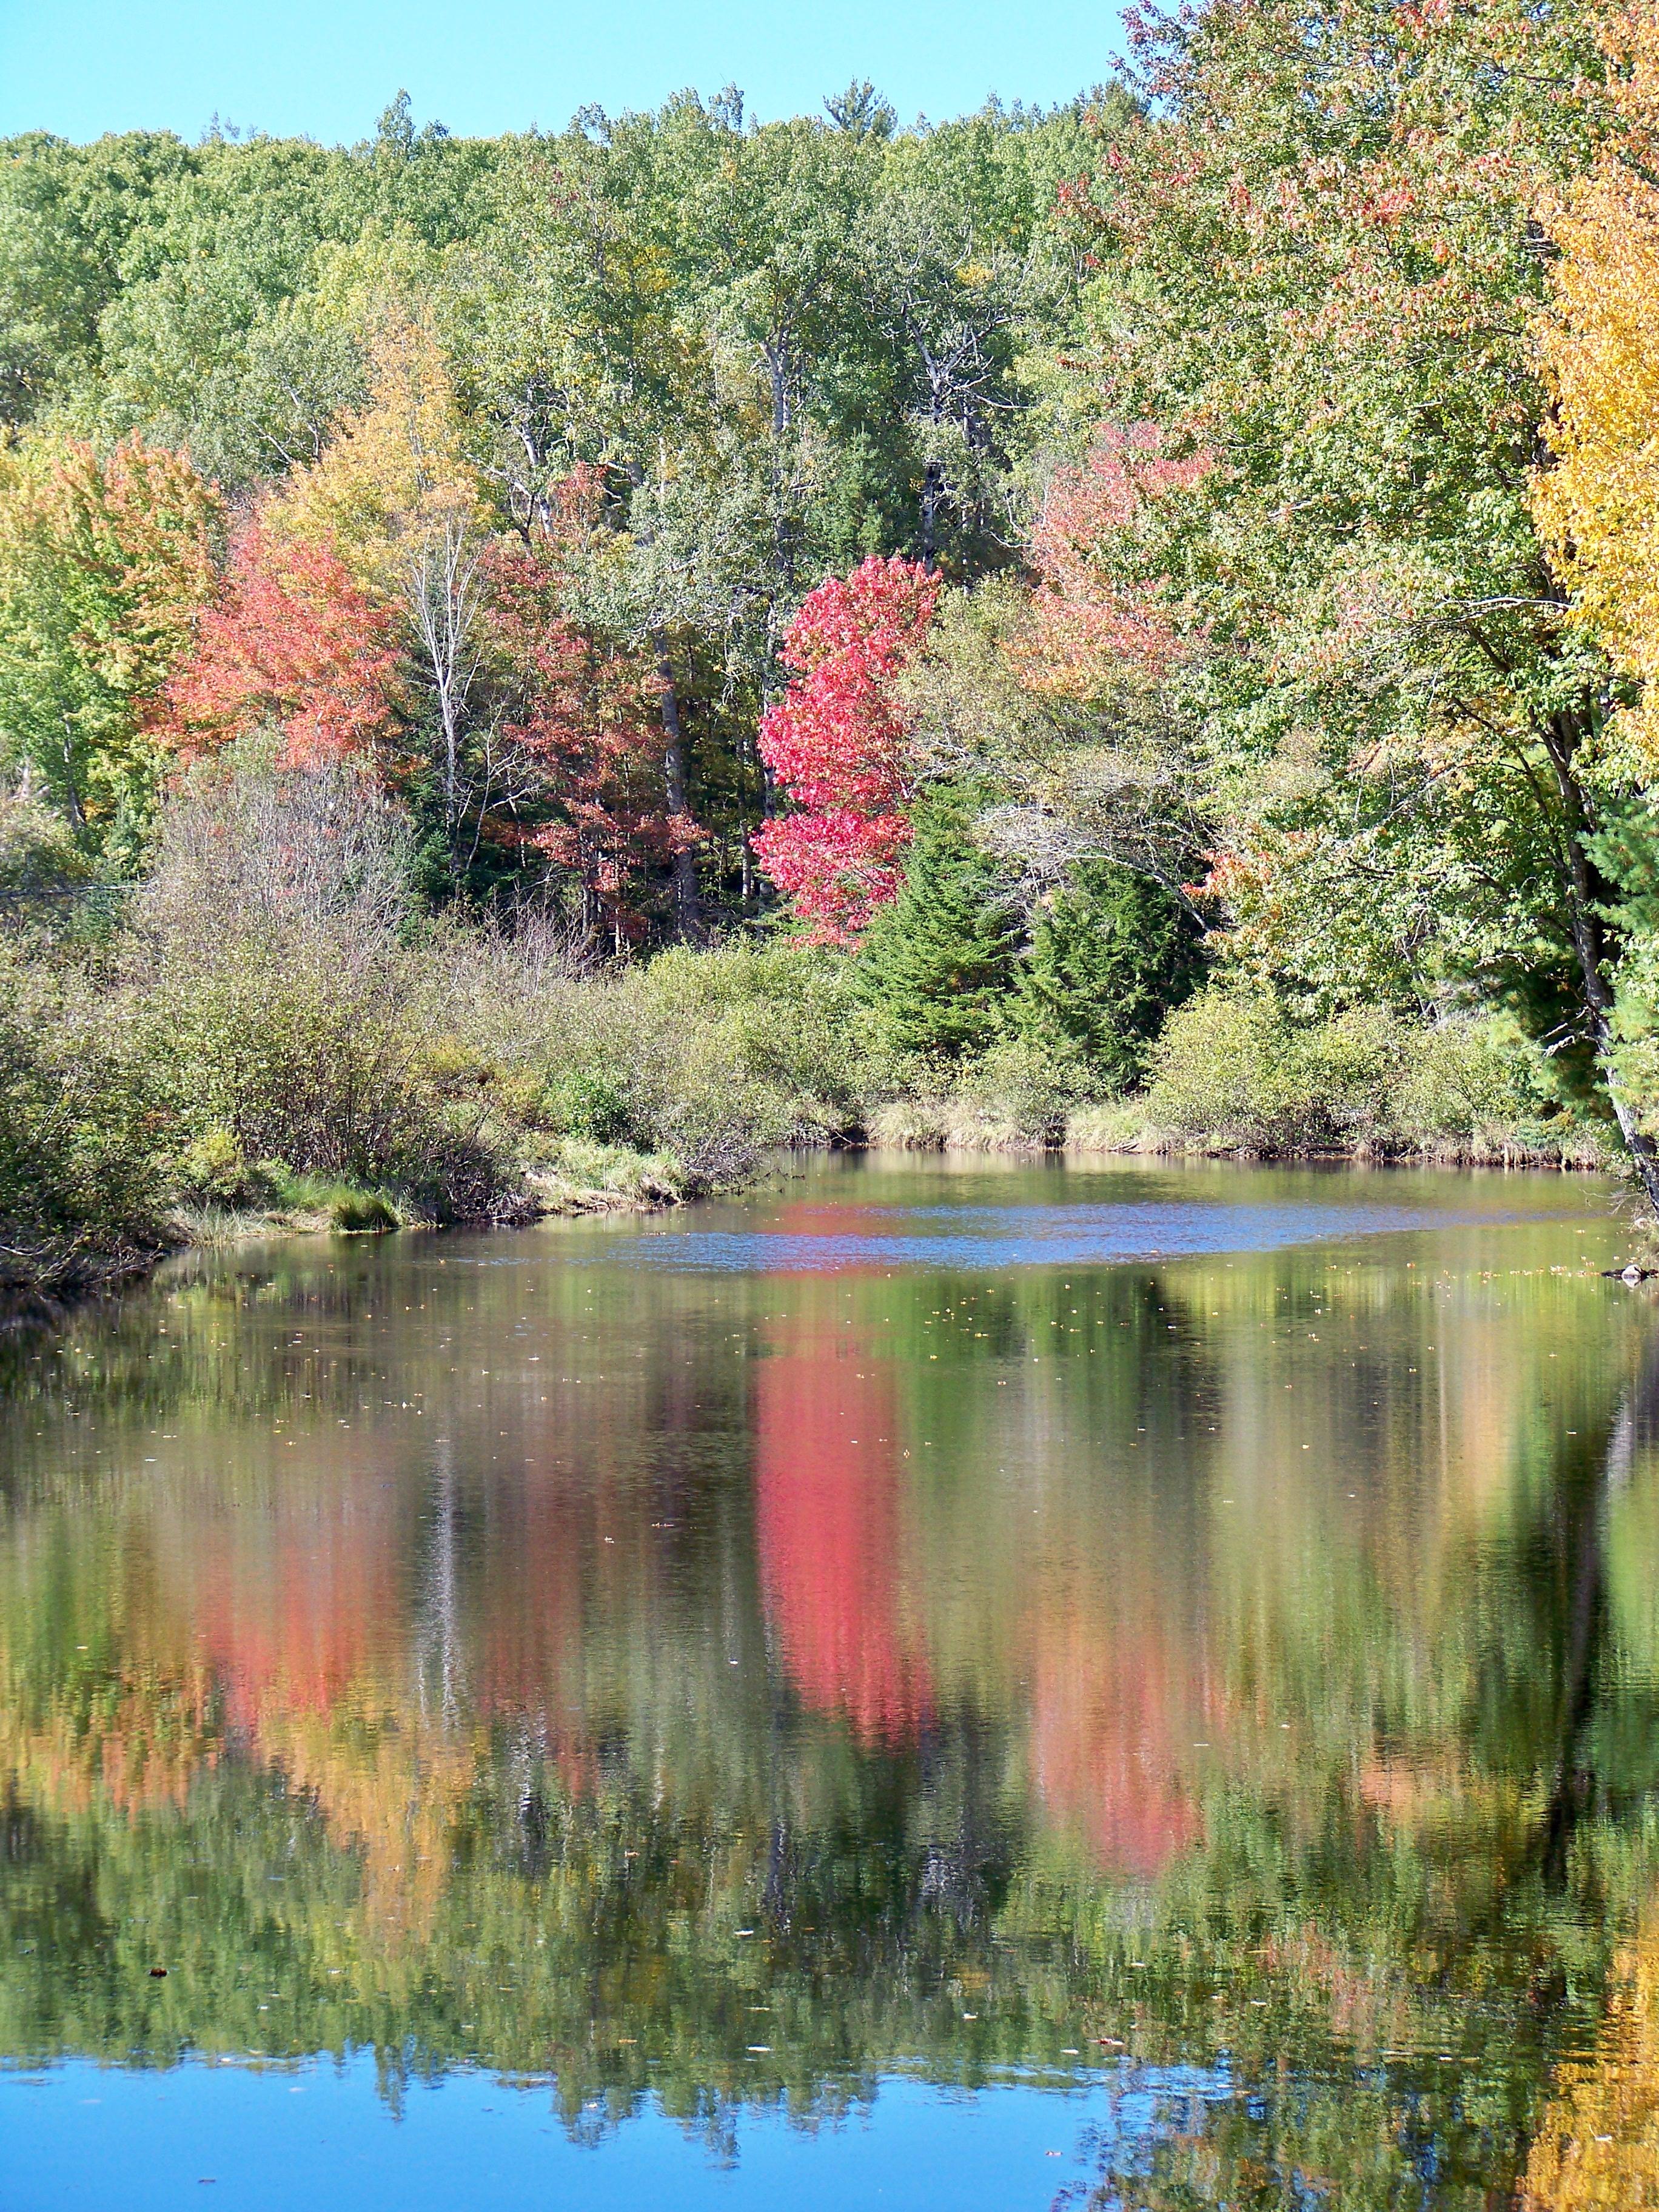 Robinson's pond